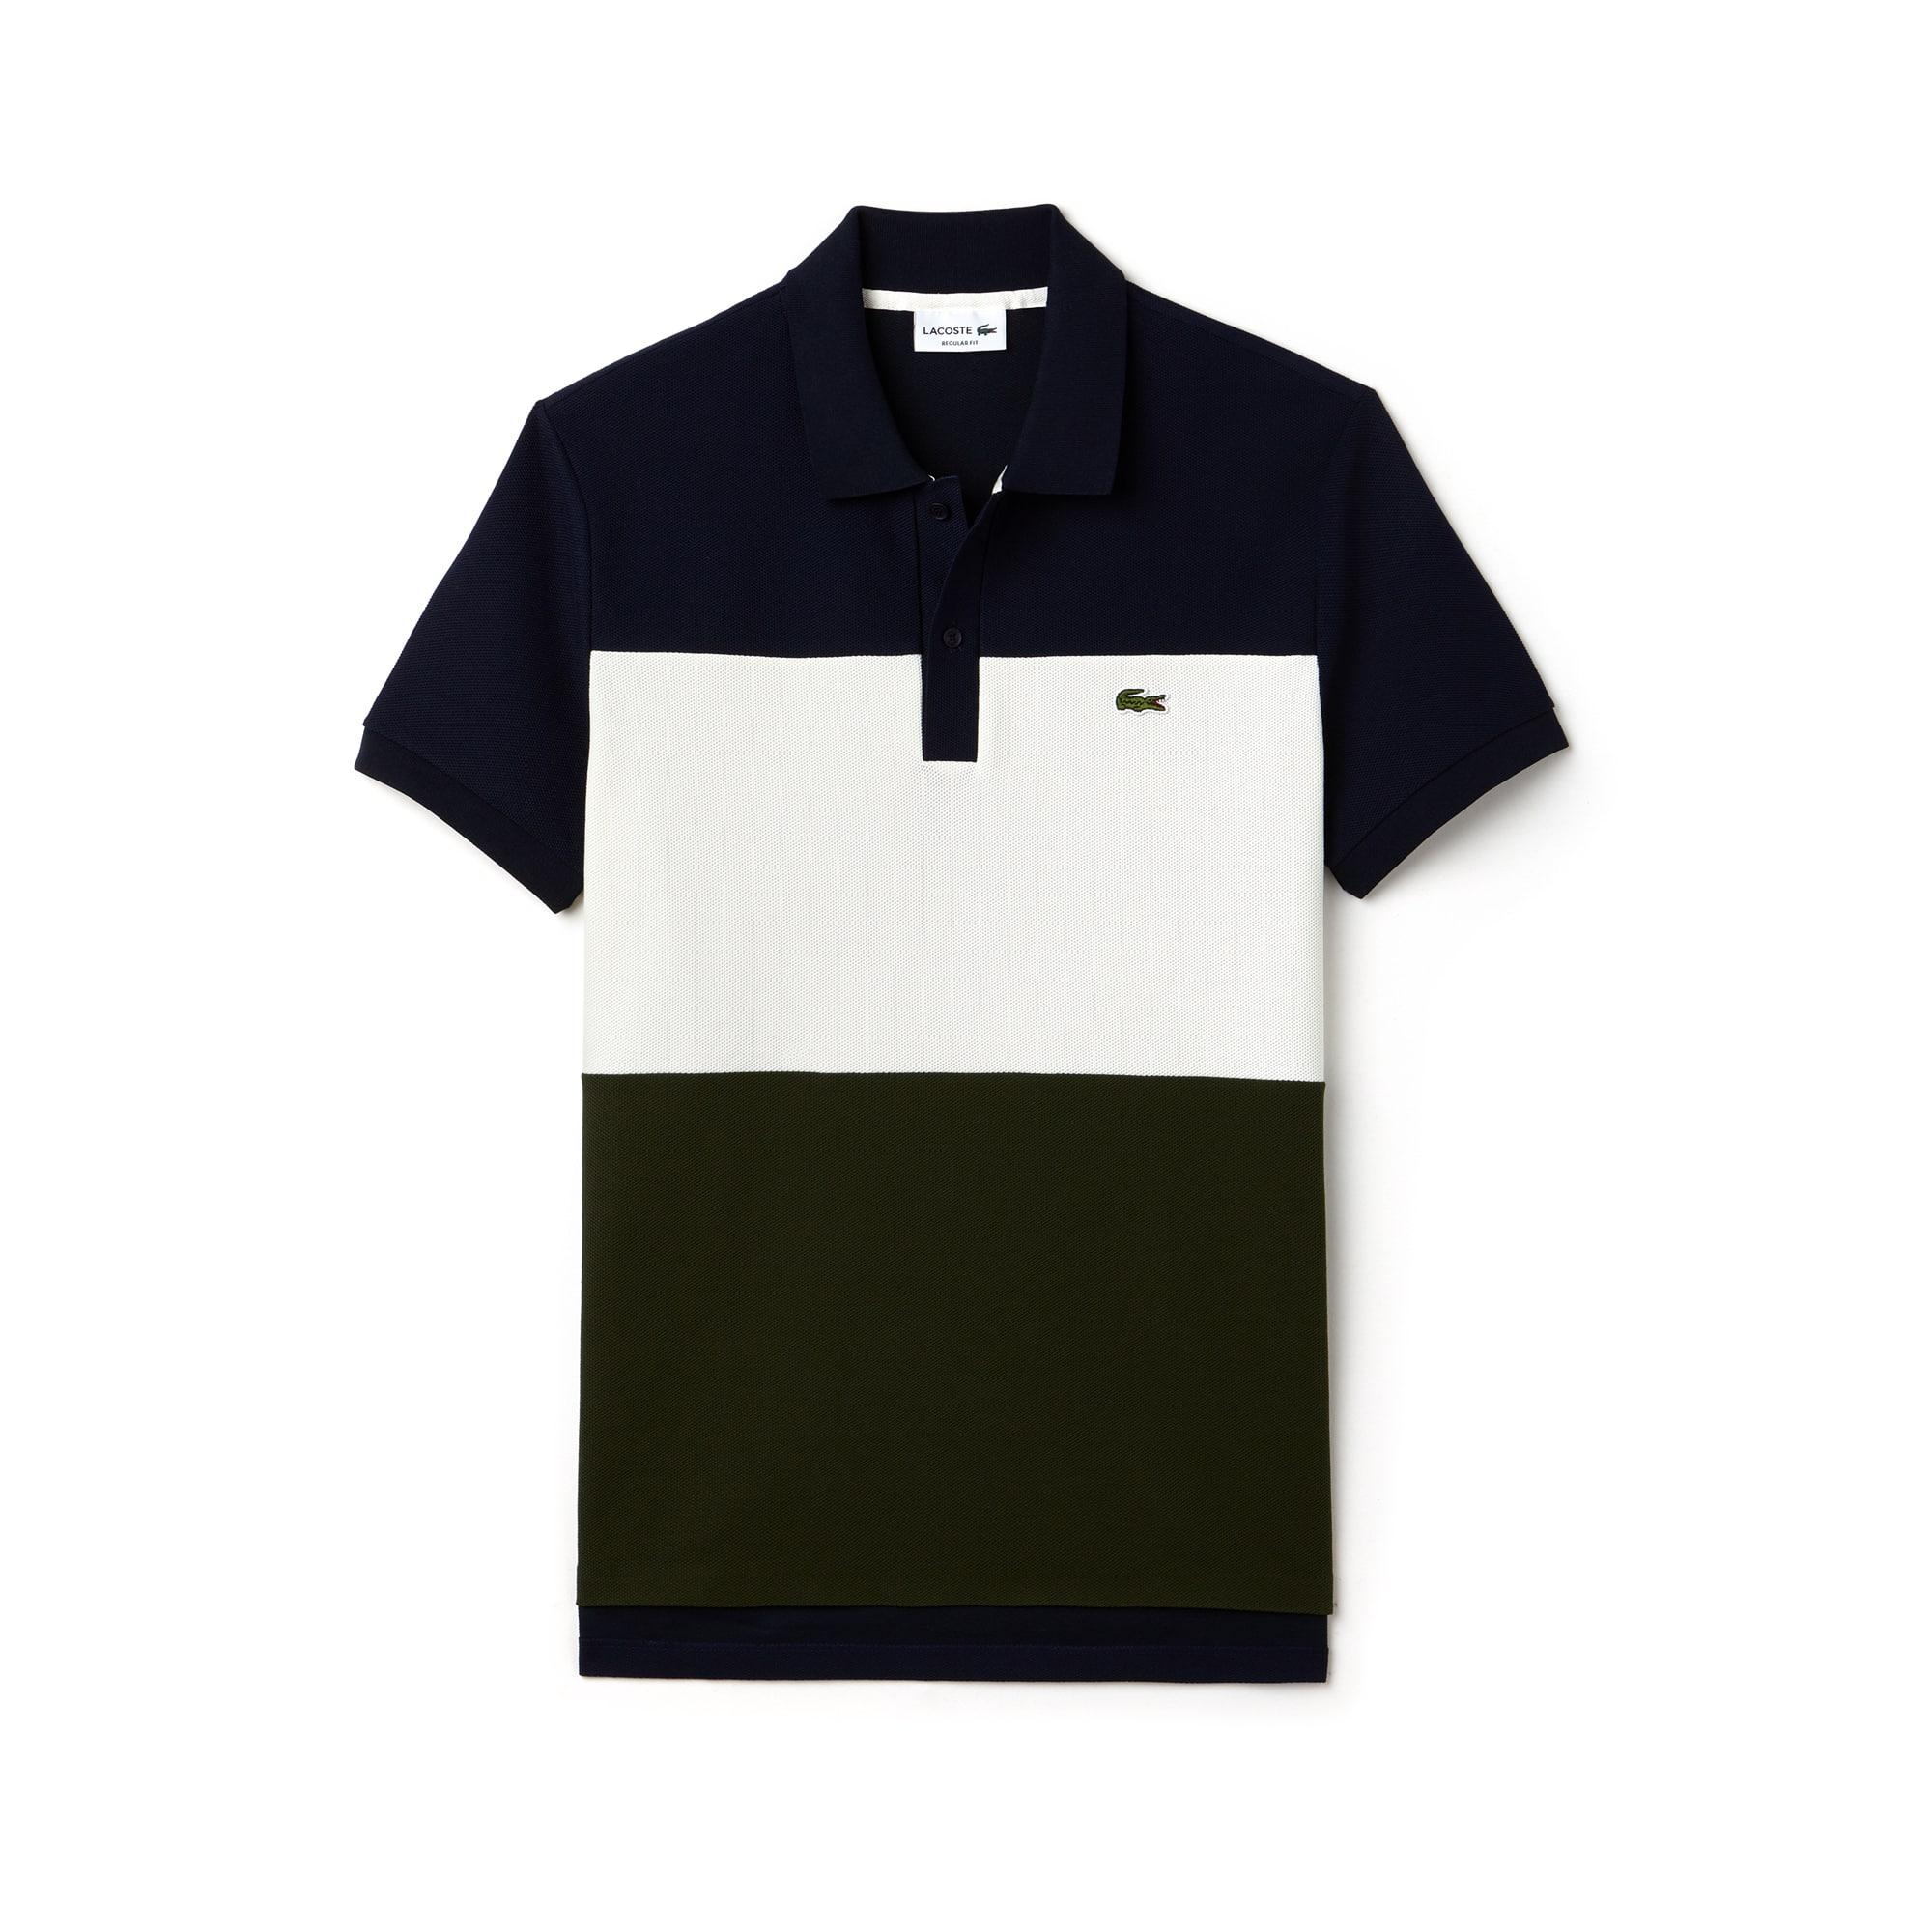 قميص بولو Lacoste قطني مُحاك بأسلوب بيكيه ذو ألوان متباينة وقصة عادية للرجال